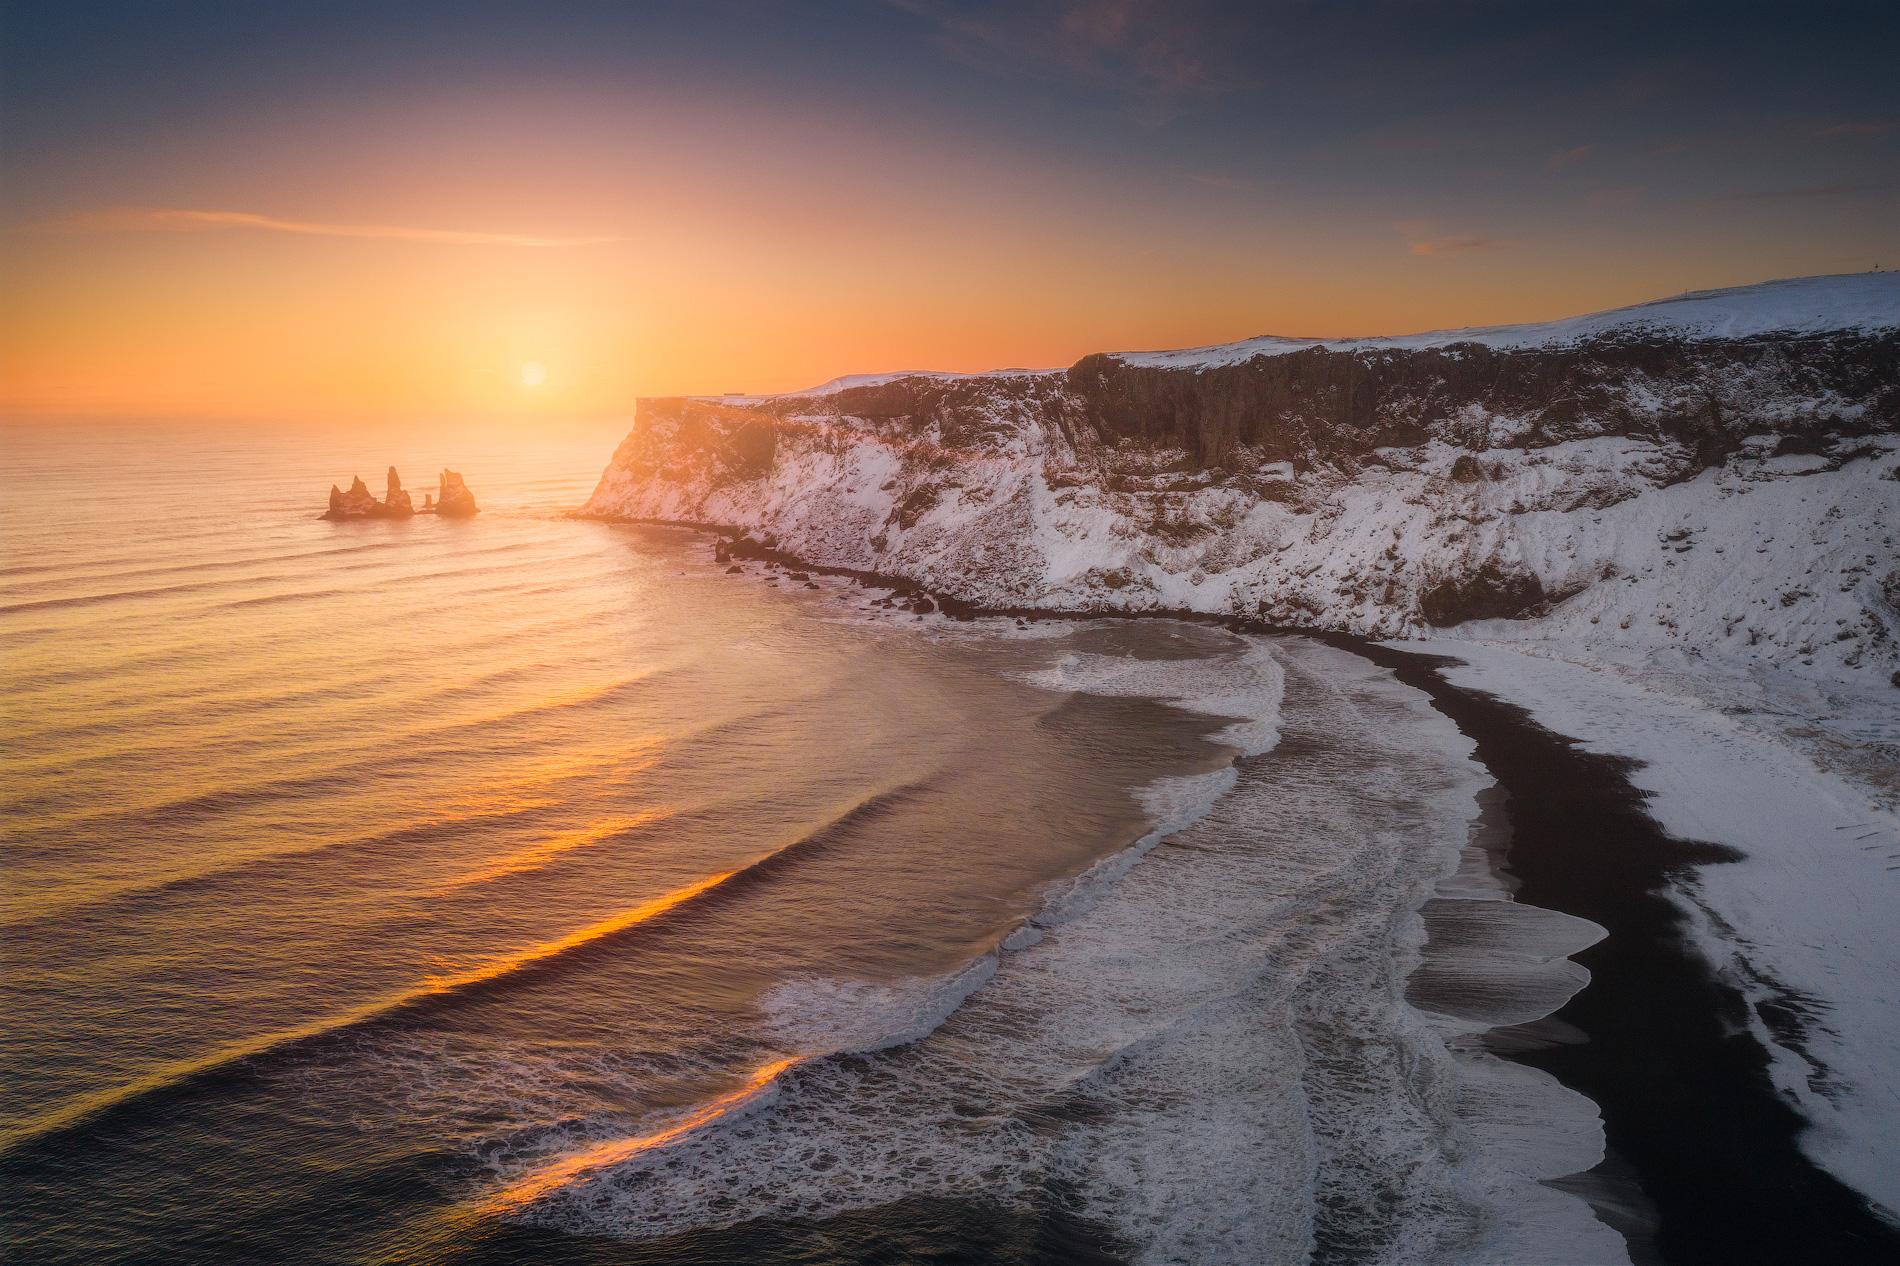 14-дневный фототур вокруг Исландии: северное сияние и ледяные пещеры - day 12